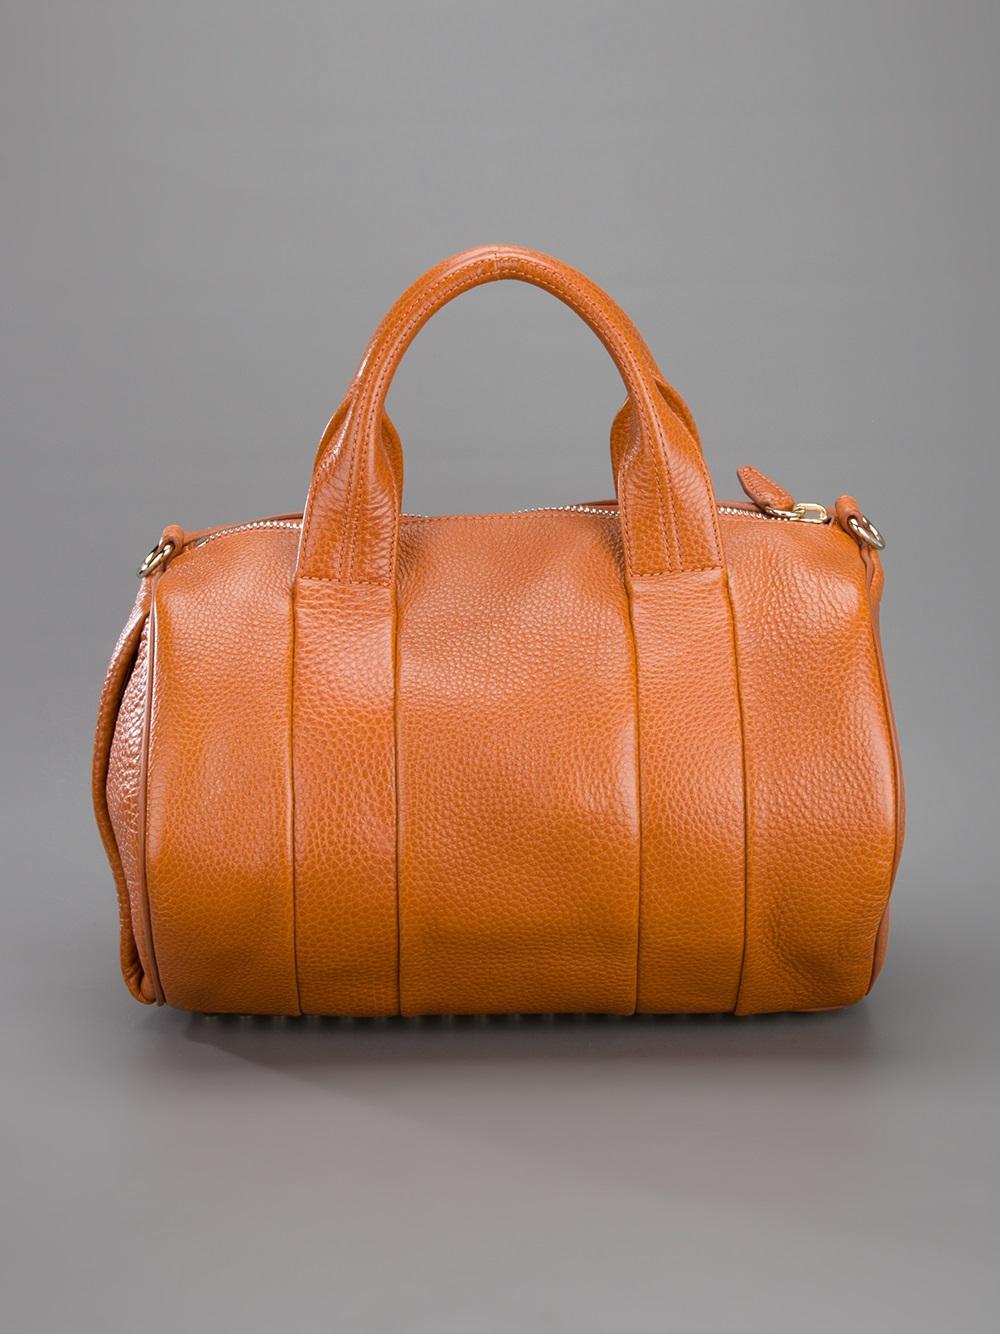 lyst alexander wang rocco bag in orange. Black Bedroom Furniture Sets. Home Design Ideas